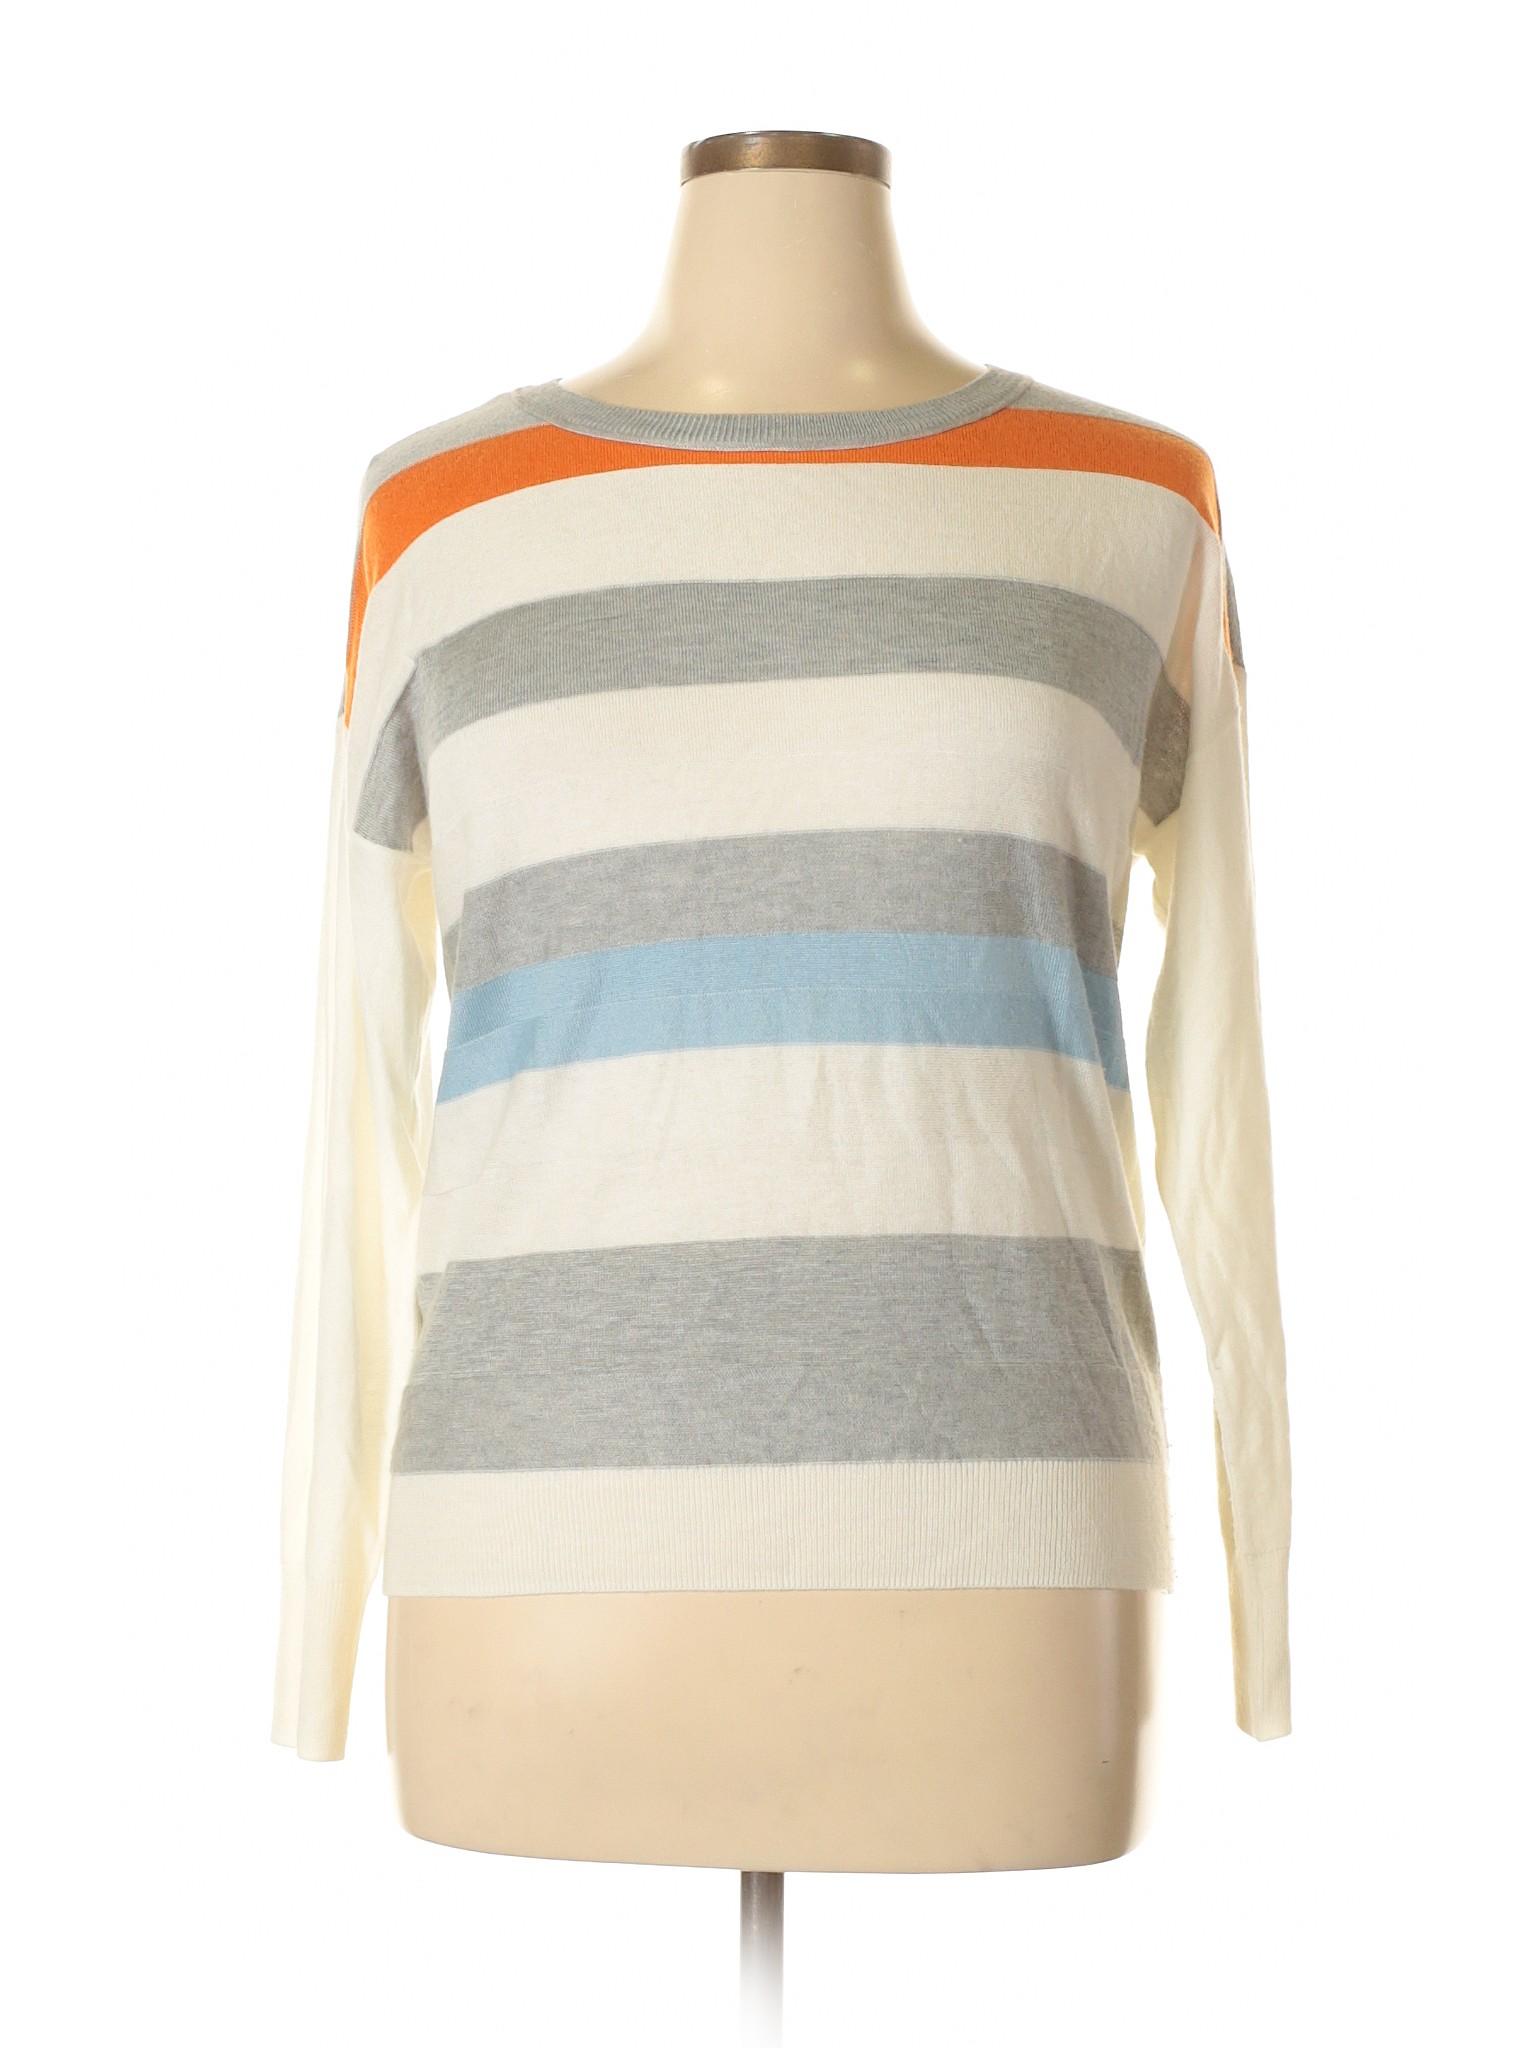 Boutique Vince winter Pullover Sweater Camuto r1rqxZCwA